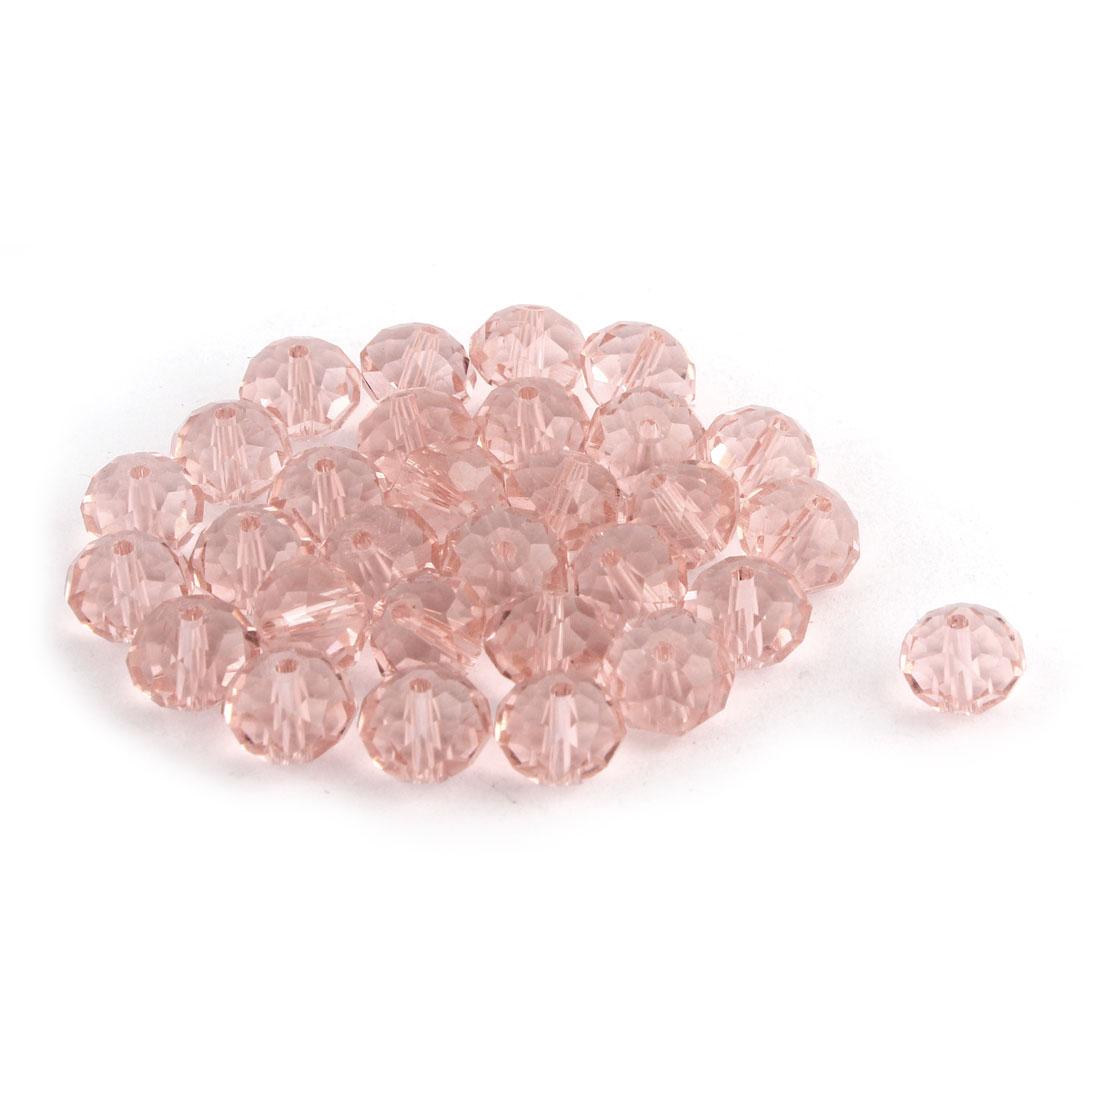 Bracelet Necklace Artifical Glittery Crystal Beads Light Pink 10MM 30 PCS